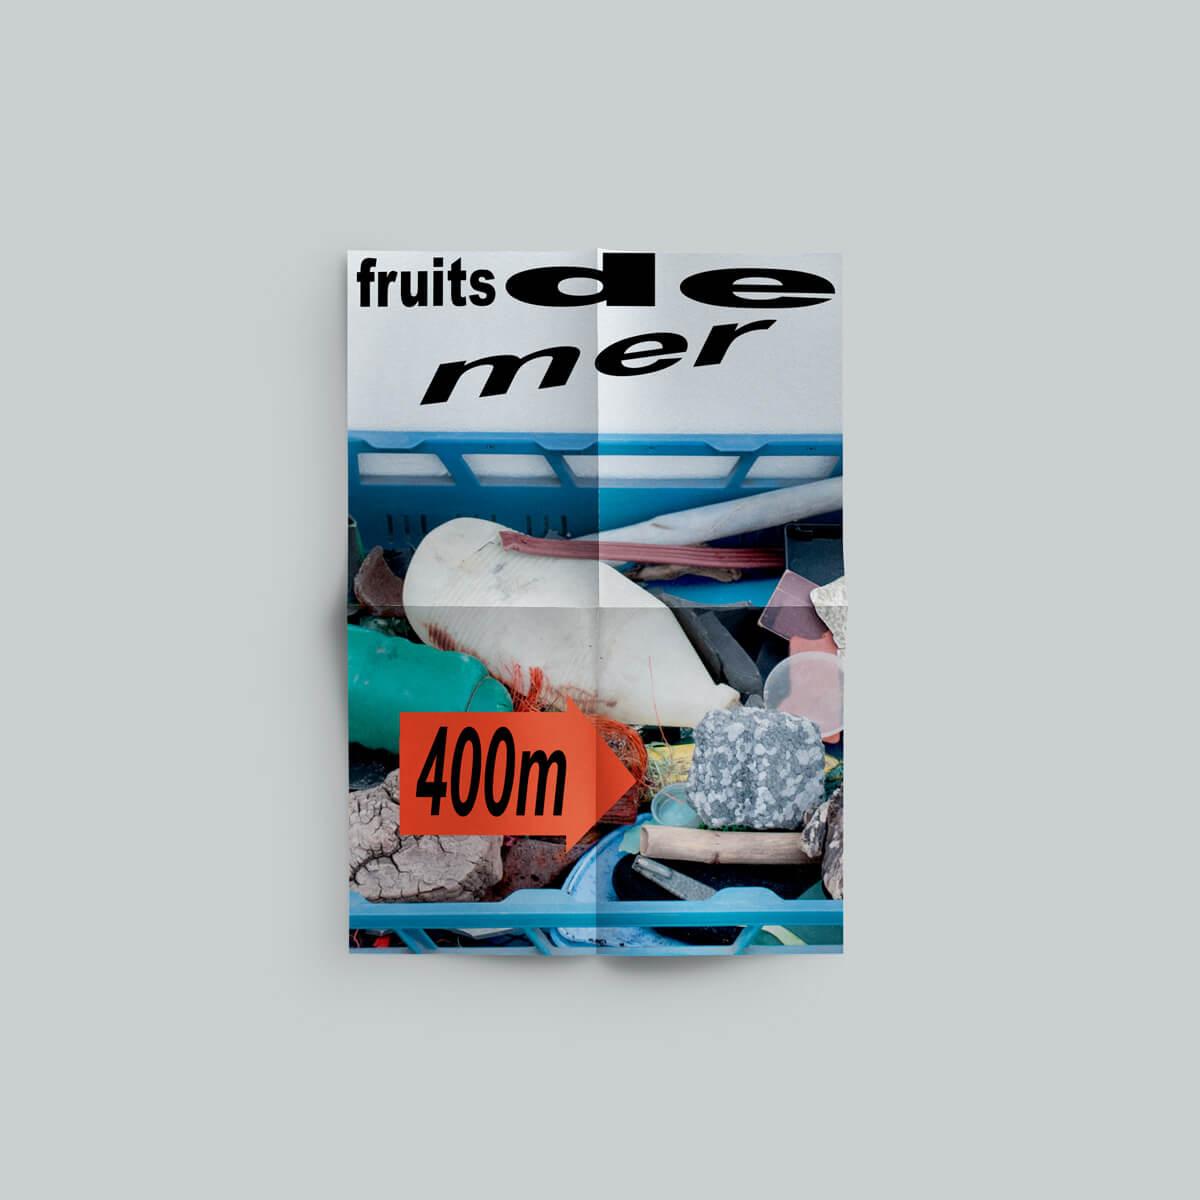 daniel_angermann_fruits_de_mer_03 Fruits de mer